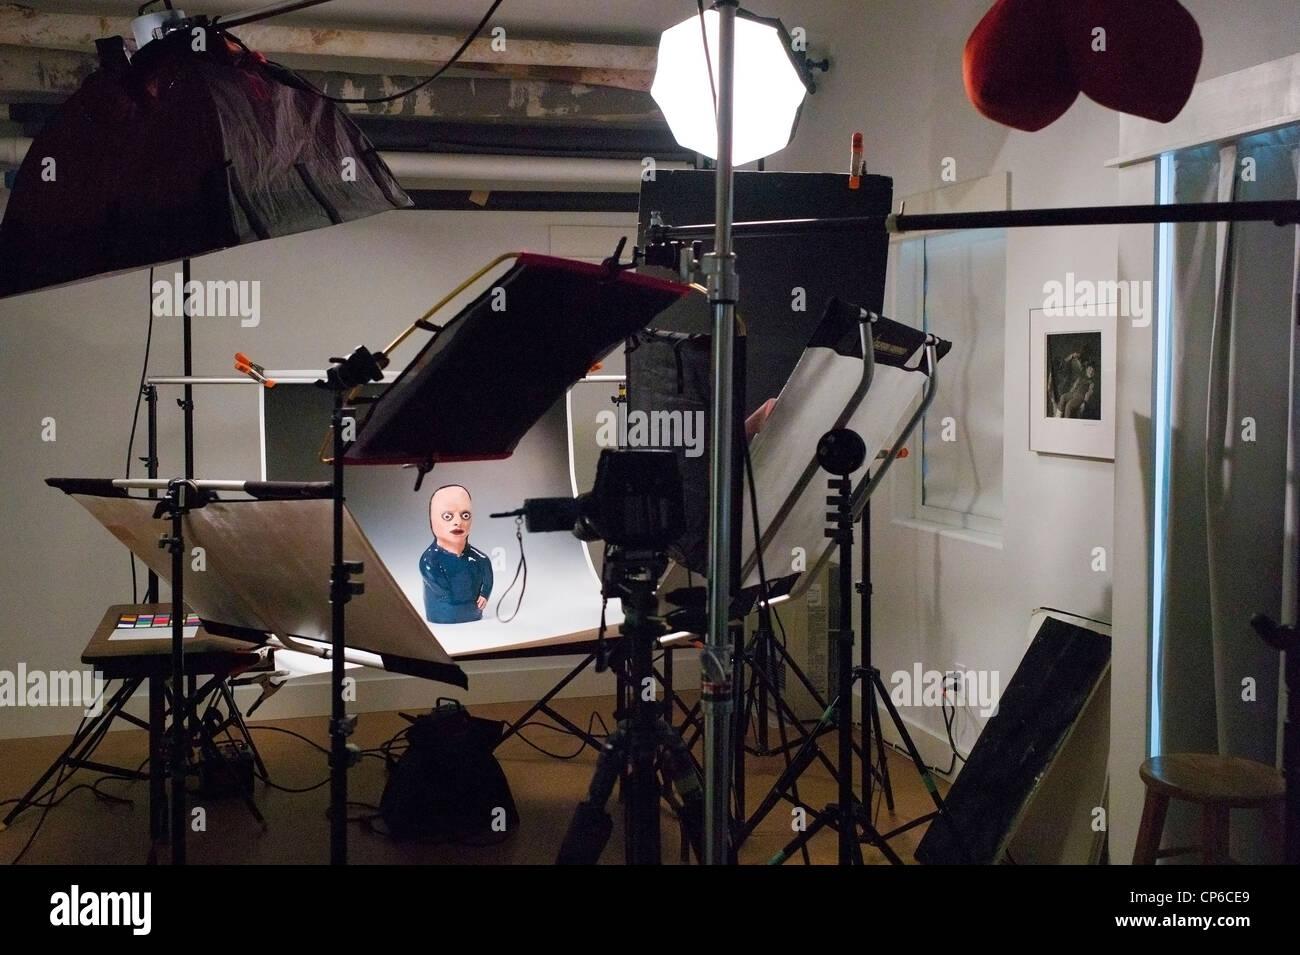 Beleuchtung, Griff und Kamera-Ausrüstung in einem kommerziellen Fotostudio. Stockfoto